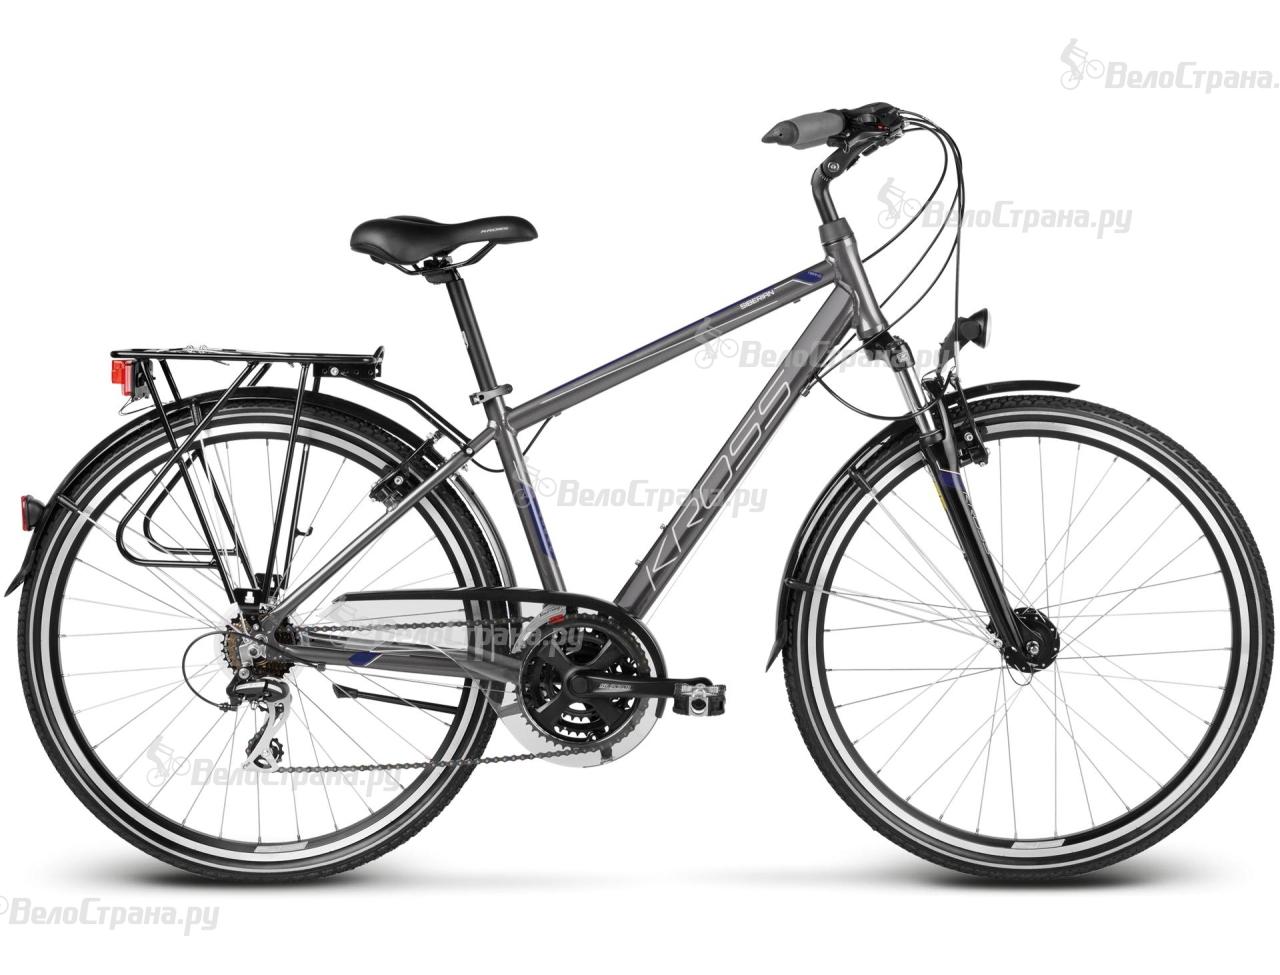 Велосипед Kross Trans Siberian (2017)